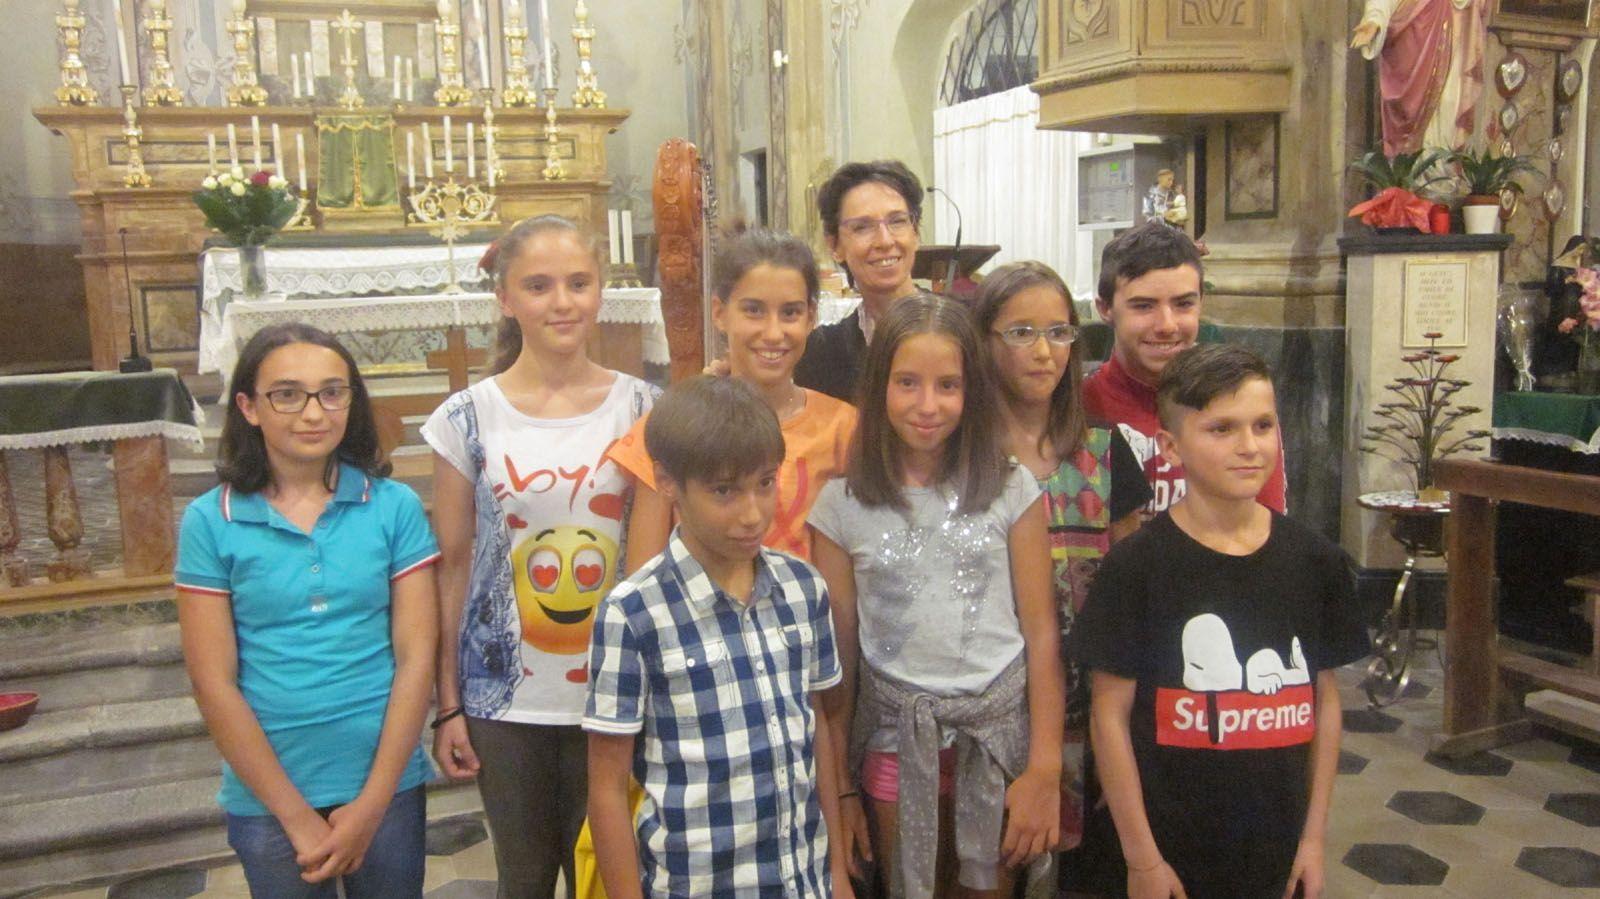 CASTELLAMONTE - Chiesa gremita, a Campo, per il concerto di Mara Galassi